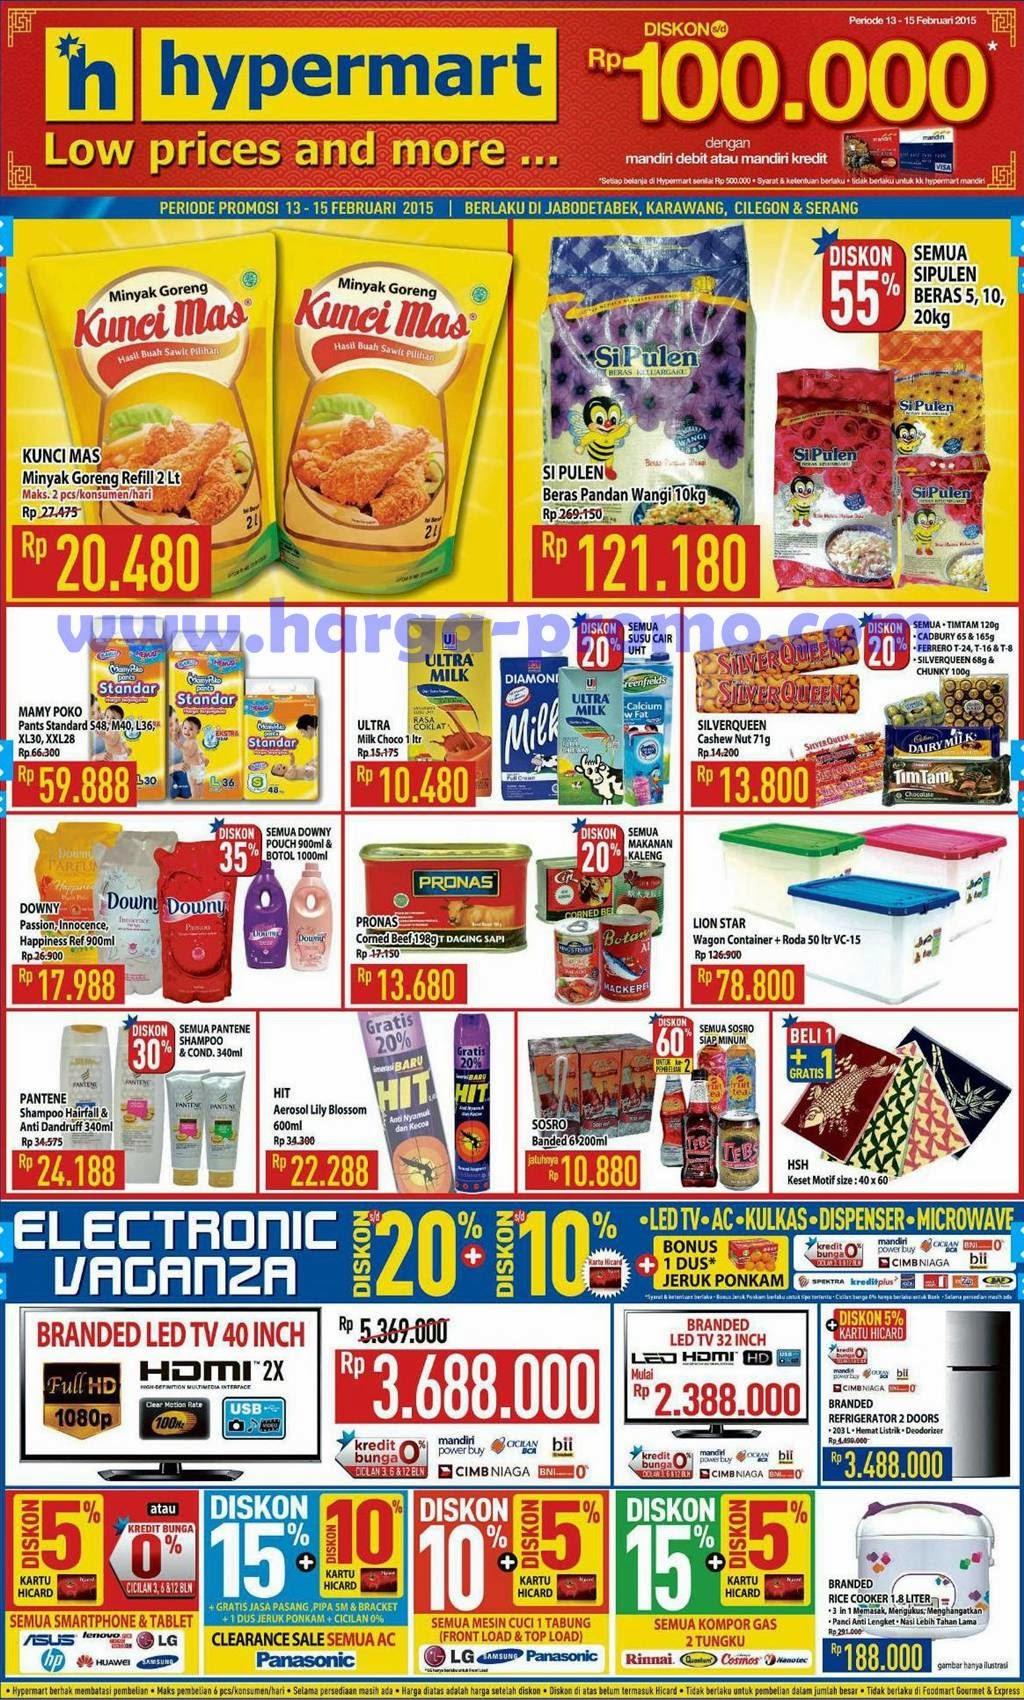 Promosi hypermart akhir pekan terbaru periode 13 - 15 februari 2015